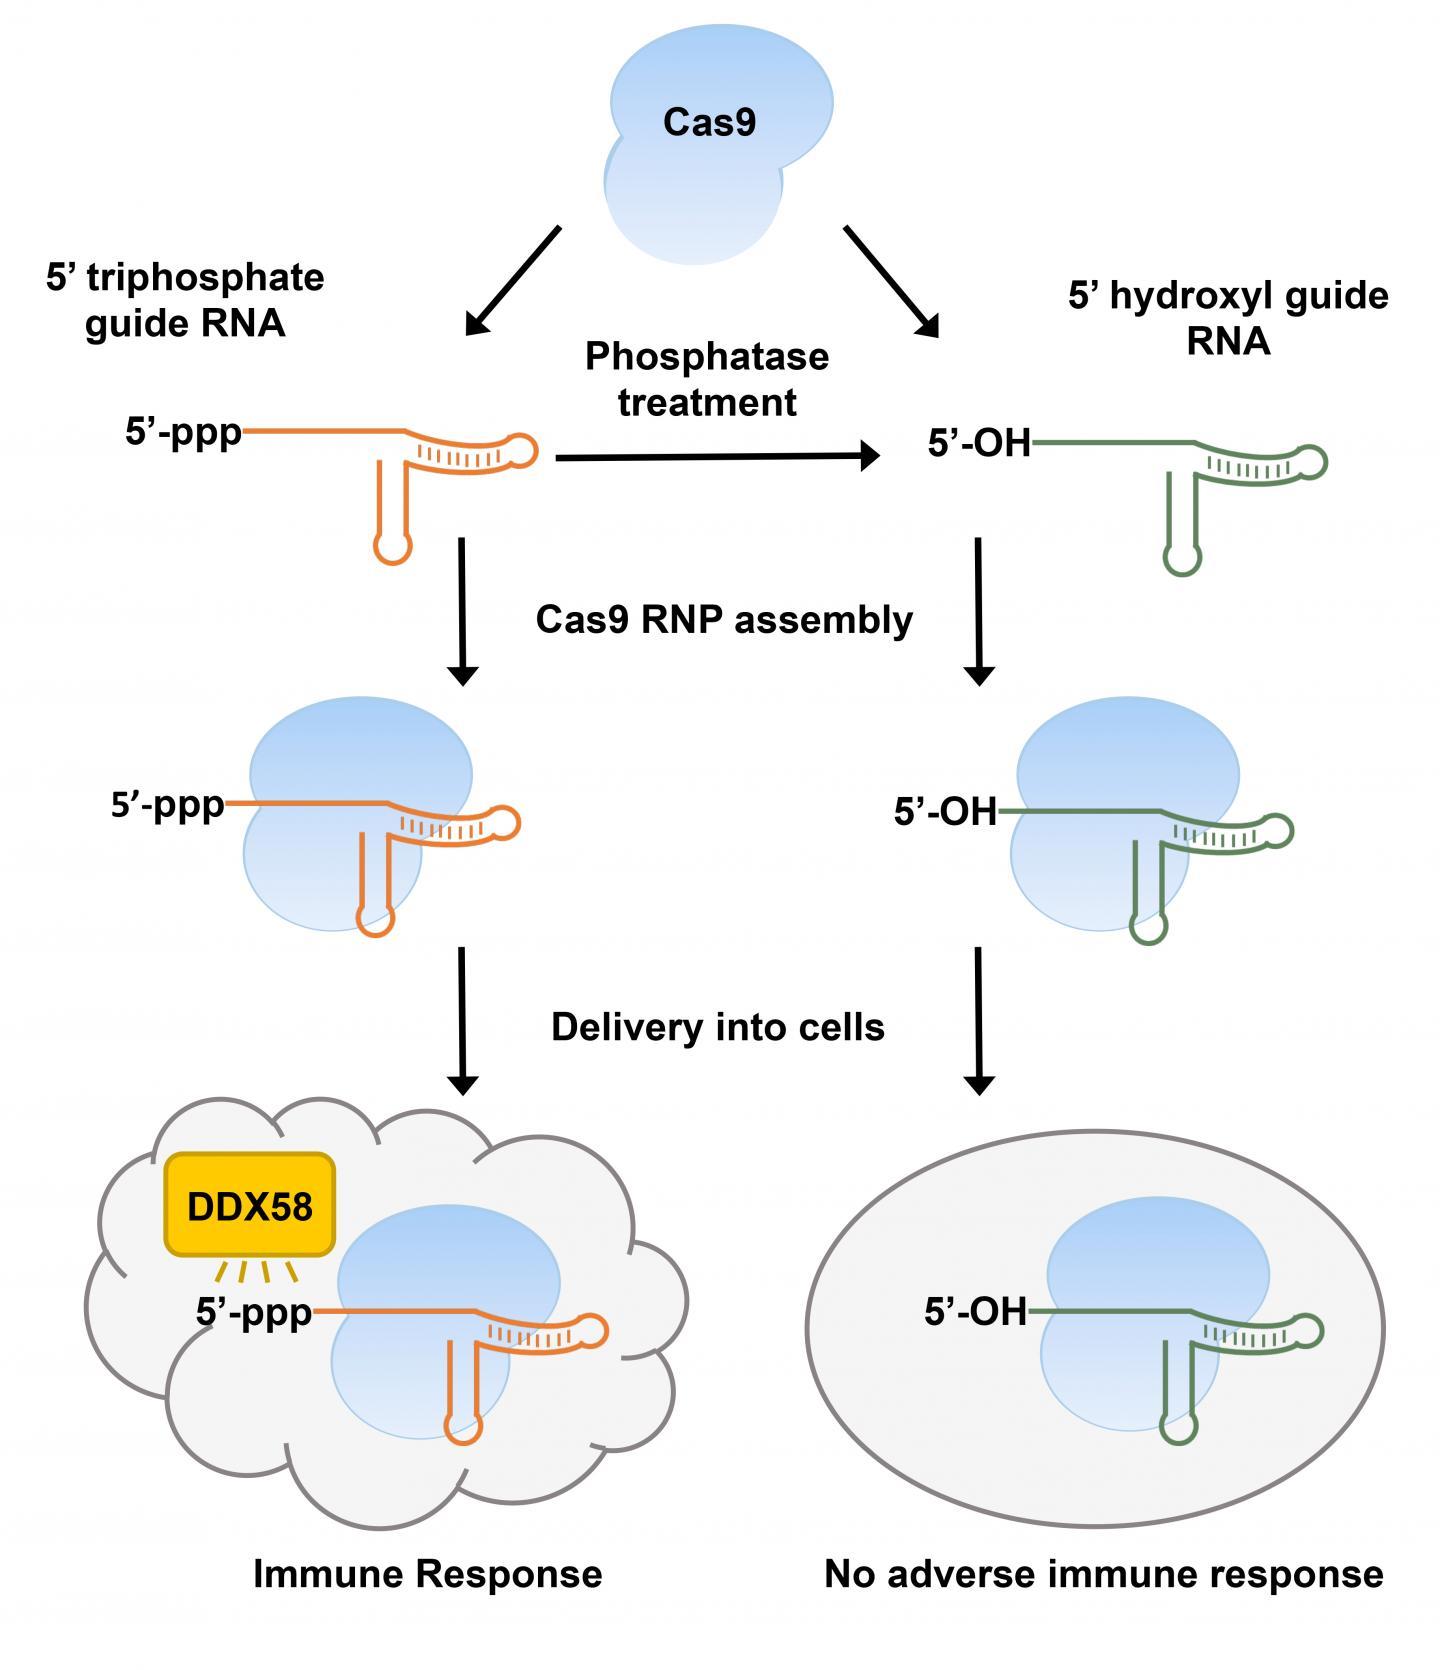 体外转录CRISPR引导RNA在细胞中引发先天性免疫应答,但这可以通过去除三磷酸部分来预防